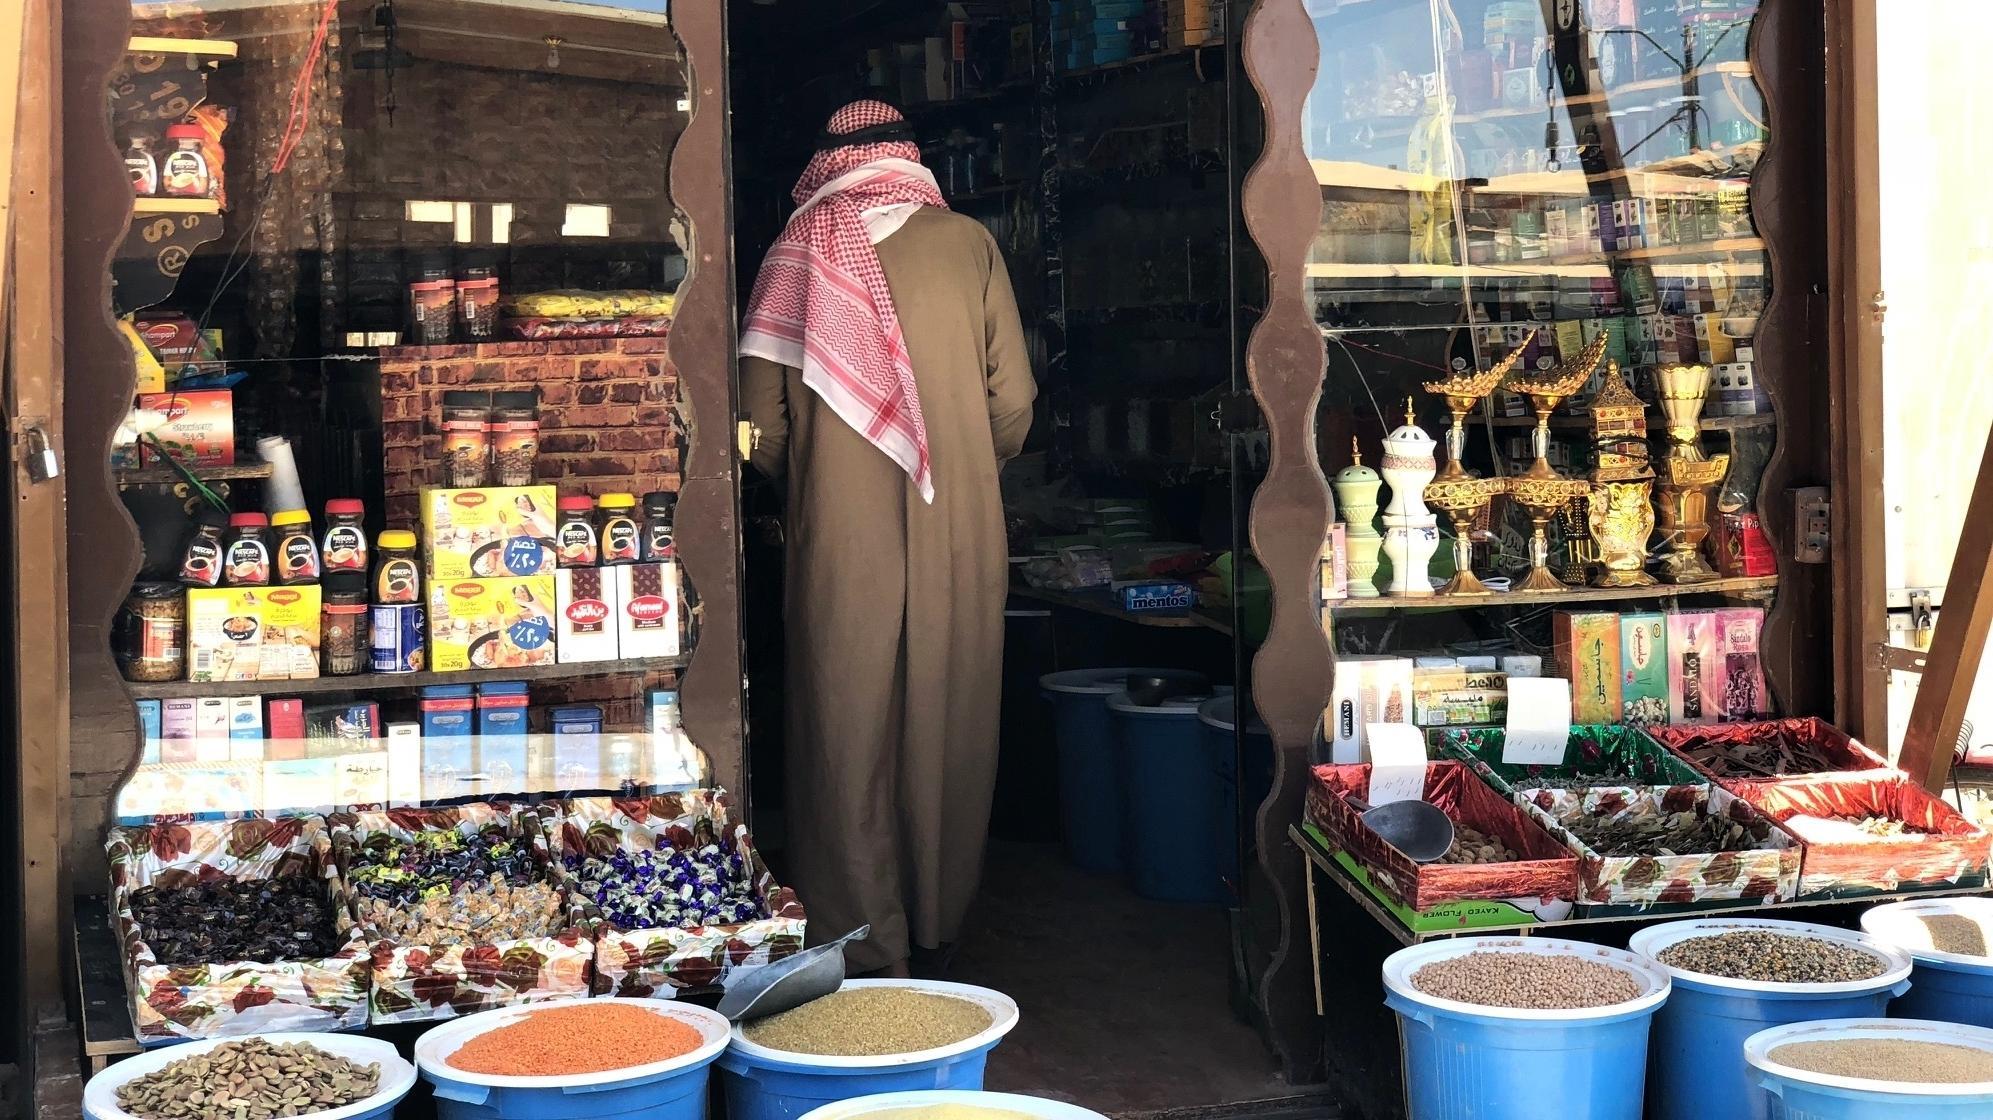 Lebensmittel im Supermarkt können im Flüchtlingslager Zaatari per Augens-Scan bezahlt werden